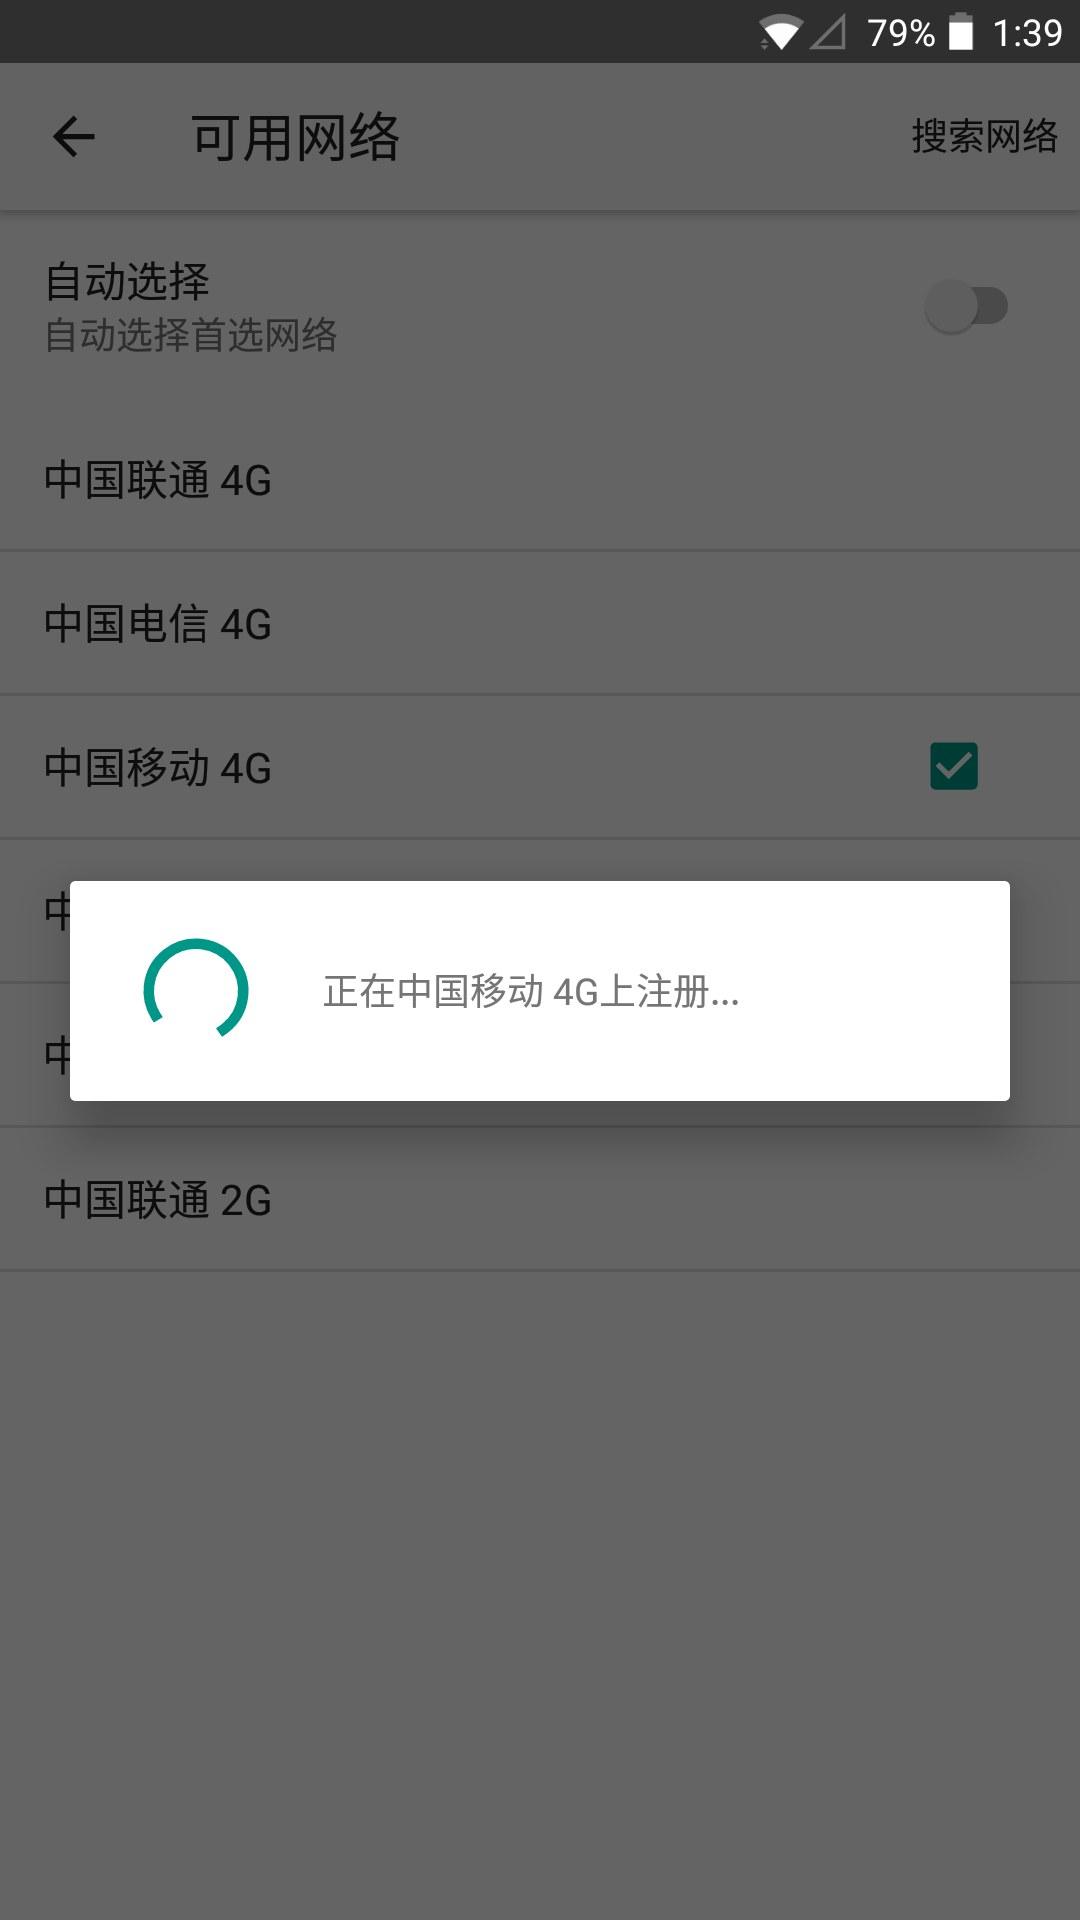 信号啊,怎么回事? - OnePlus 5 - 一加手机社区官